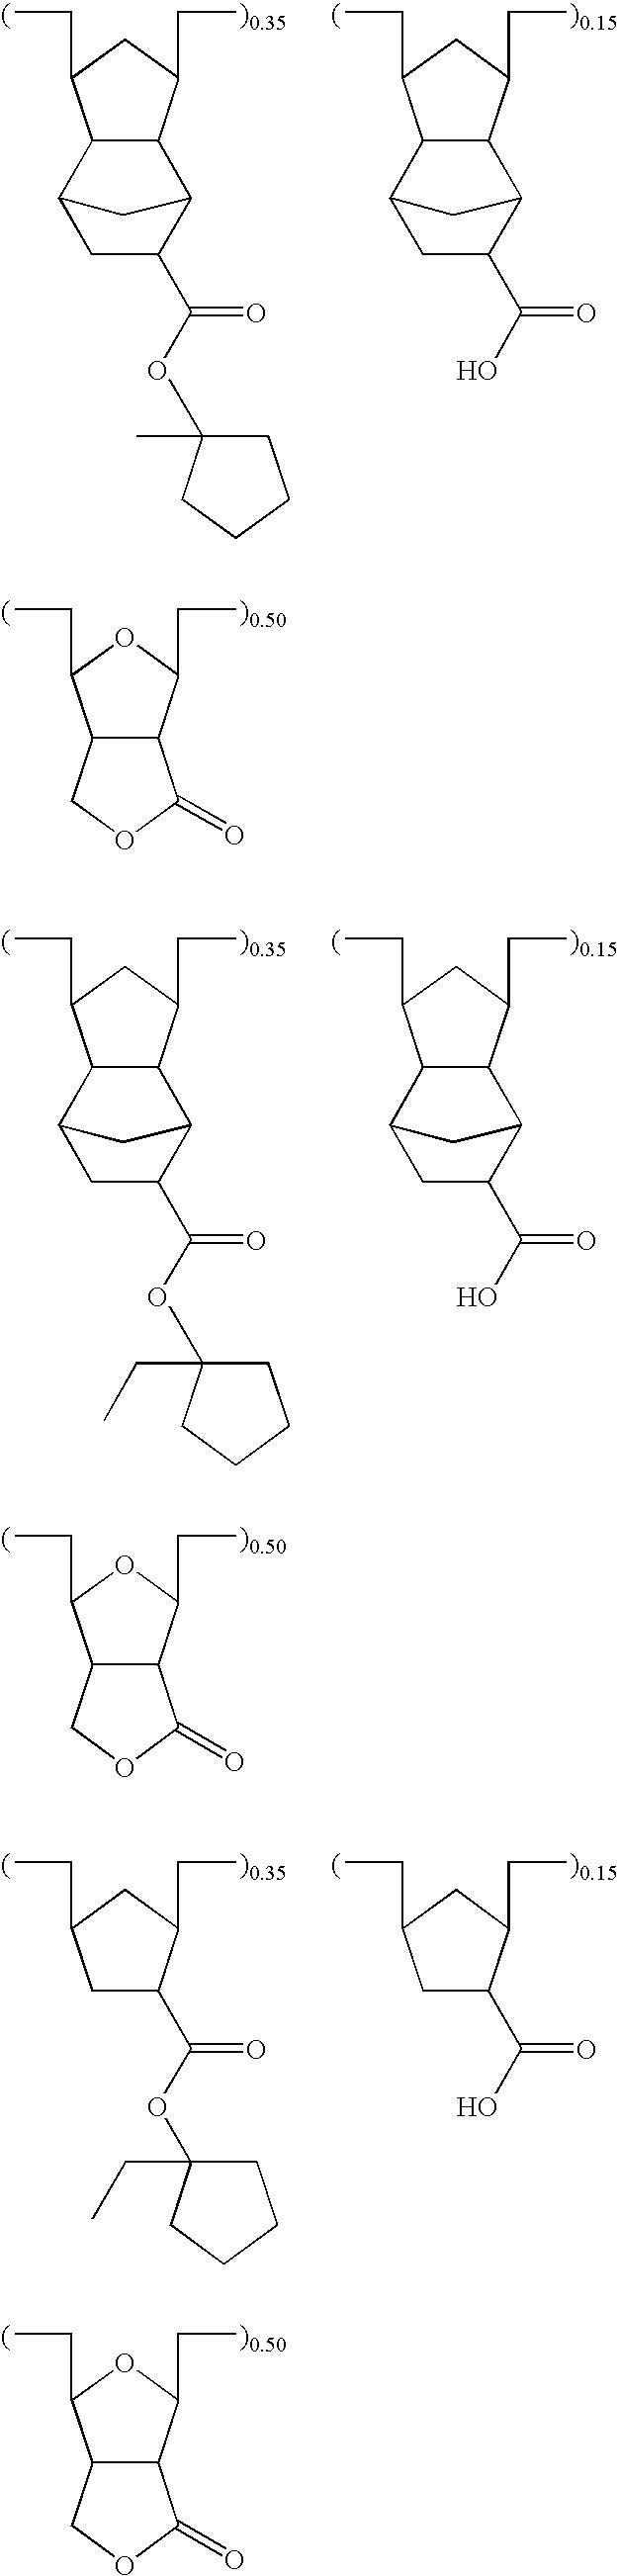 Figure US20090011365A1-20090108-C00073